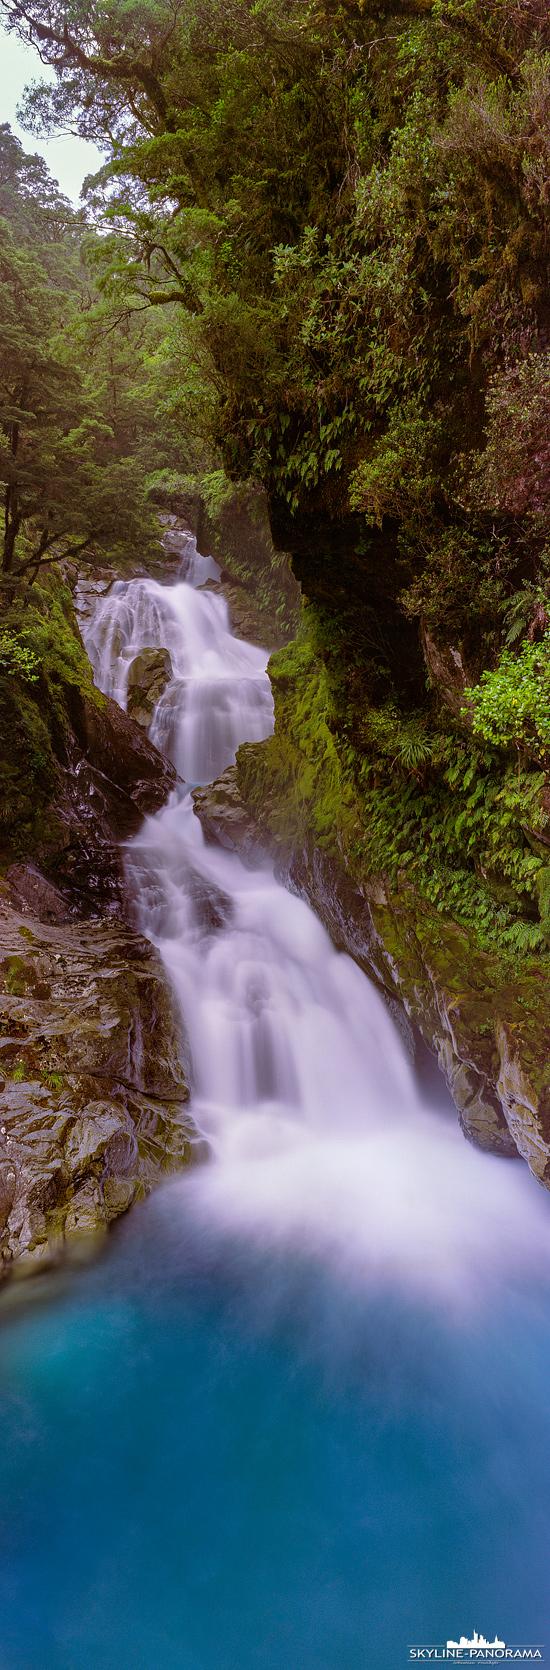 Panorama Neuseeland - Der Christie Falls Wasserfall ist leicht zu erreichen, er befindet sich auf dem Weg zum Milford Sound, von Lake Te Anau kommend, direkt am Milford Highway (SH-94) . Hierbei handelt es sich um einen Kaskadenwasserfall, der gerade nach einem Regenschauer sehr beeindruckend ist und an dieser Stelle in den Hollyford River mündet.